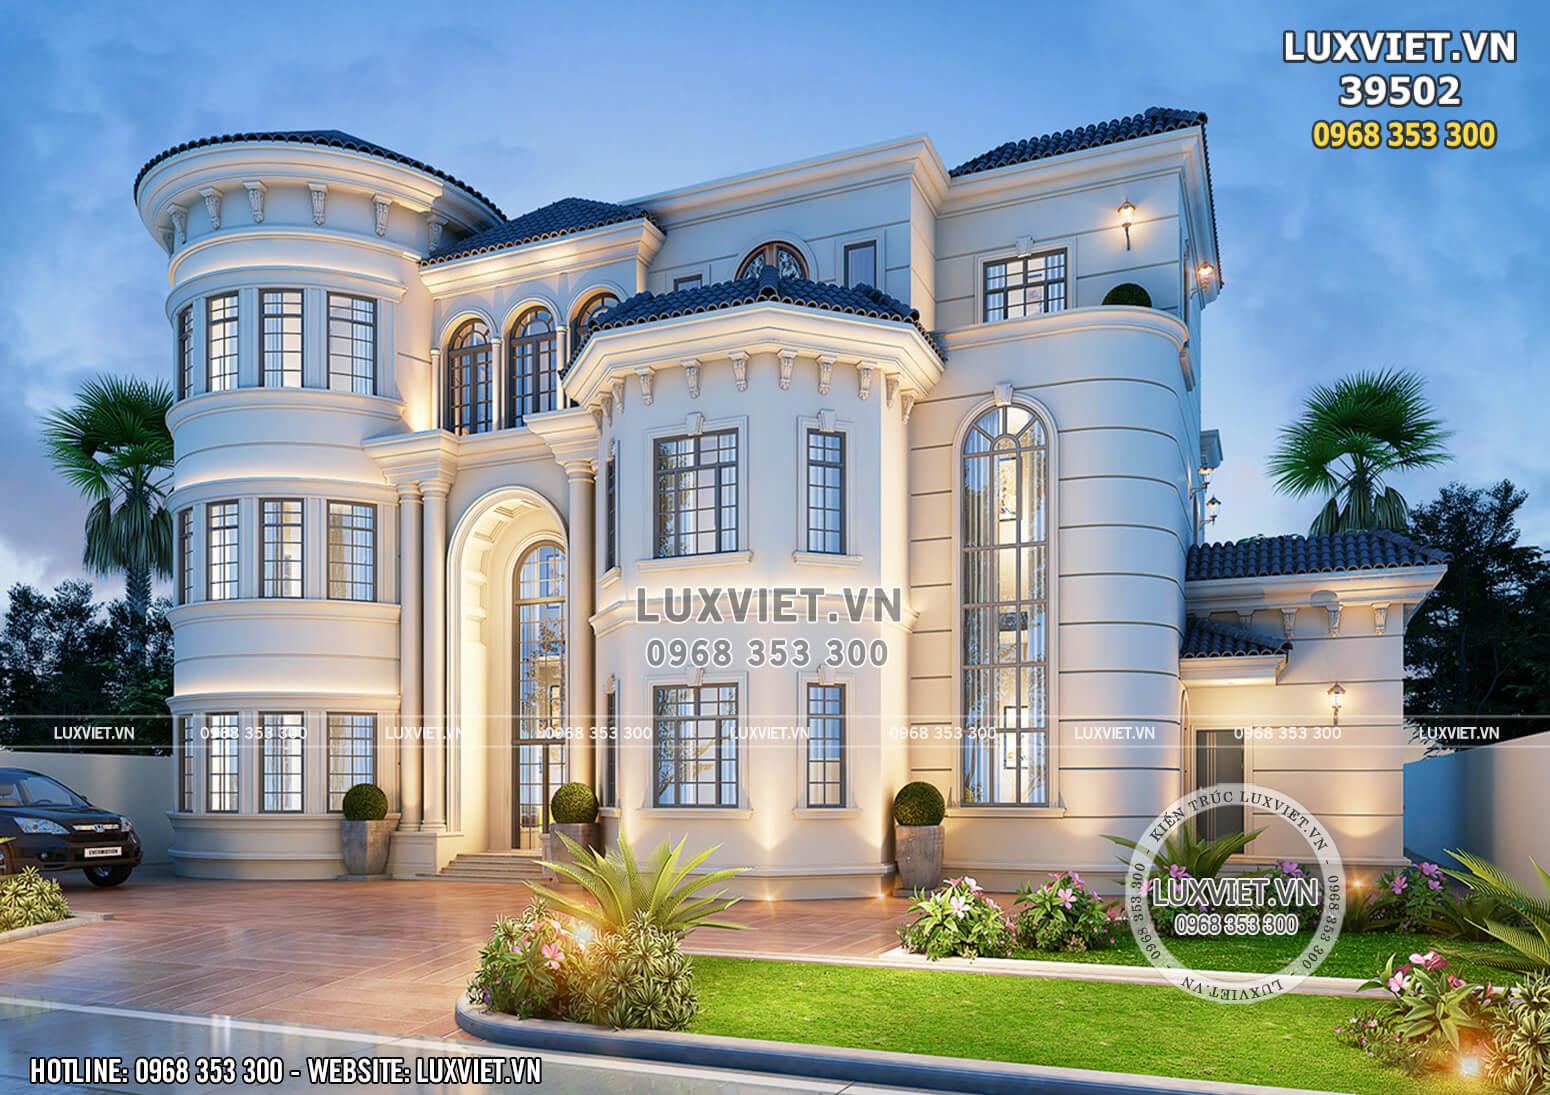 Thiết kế biệt thự tân cổ điển đẹp 3 tầng tại Đà Lạt - LV 39502